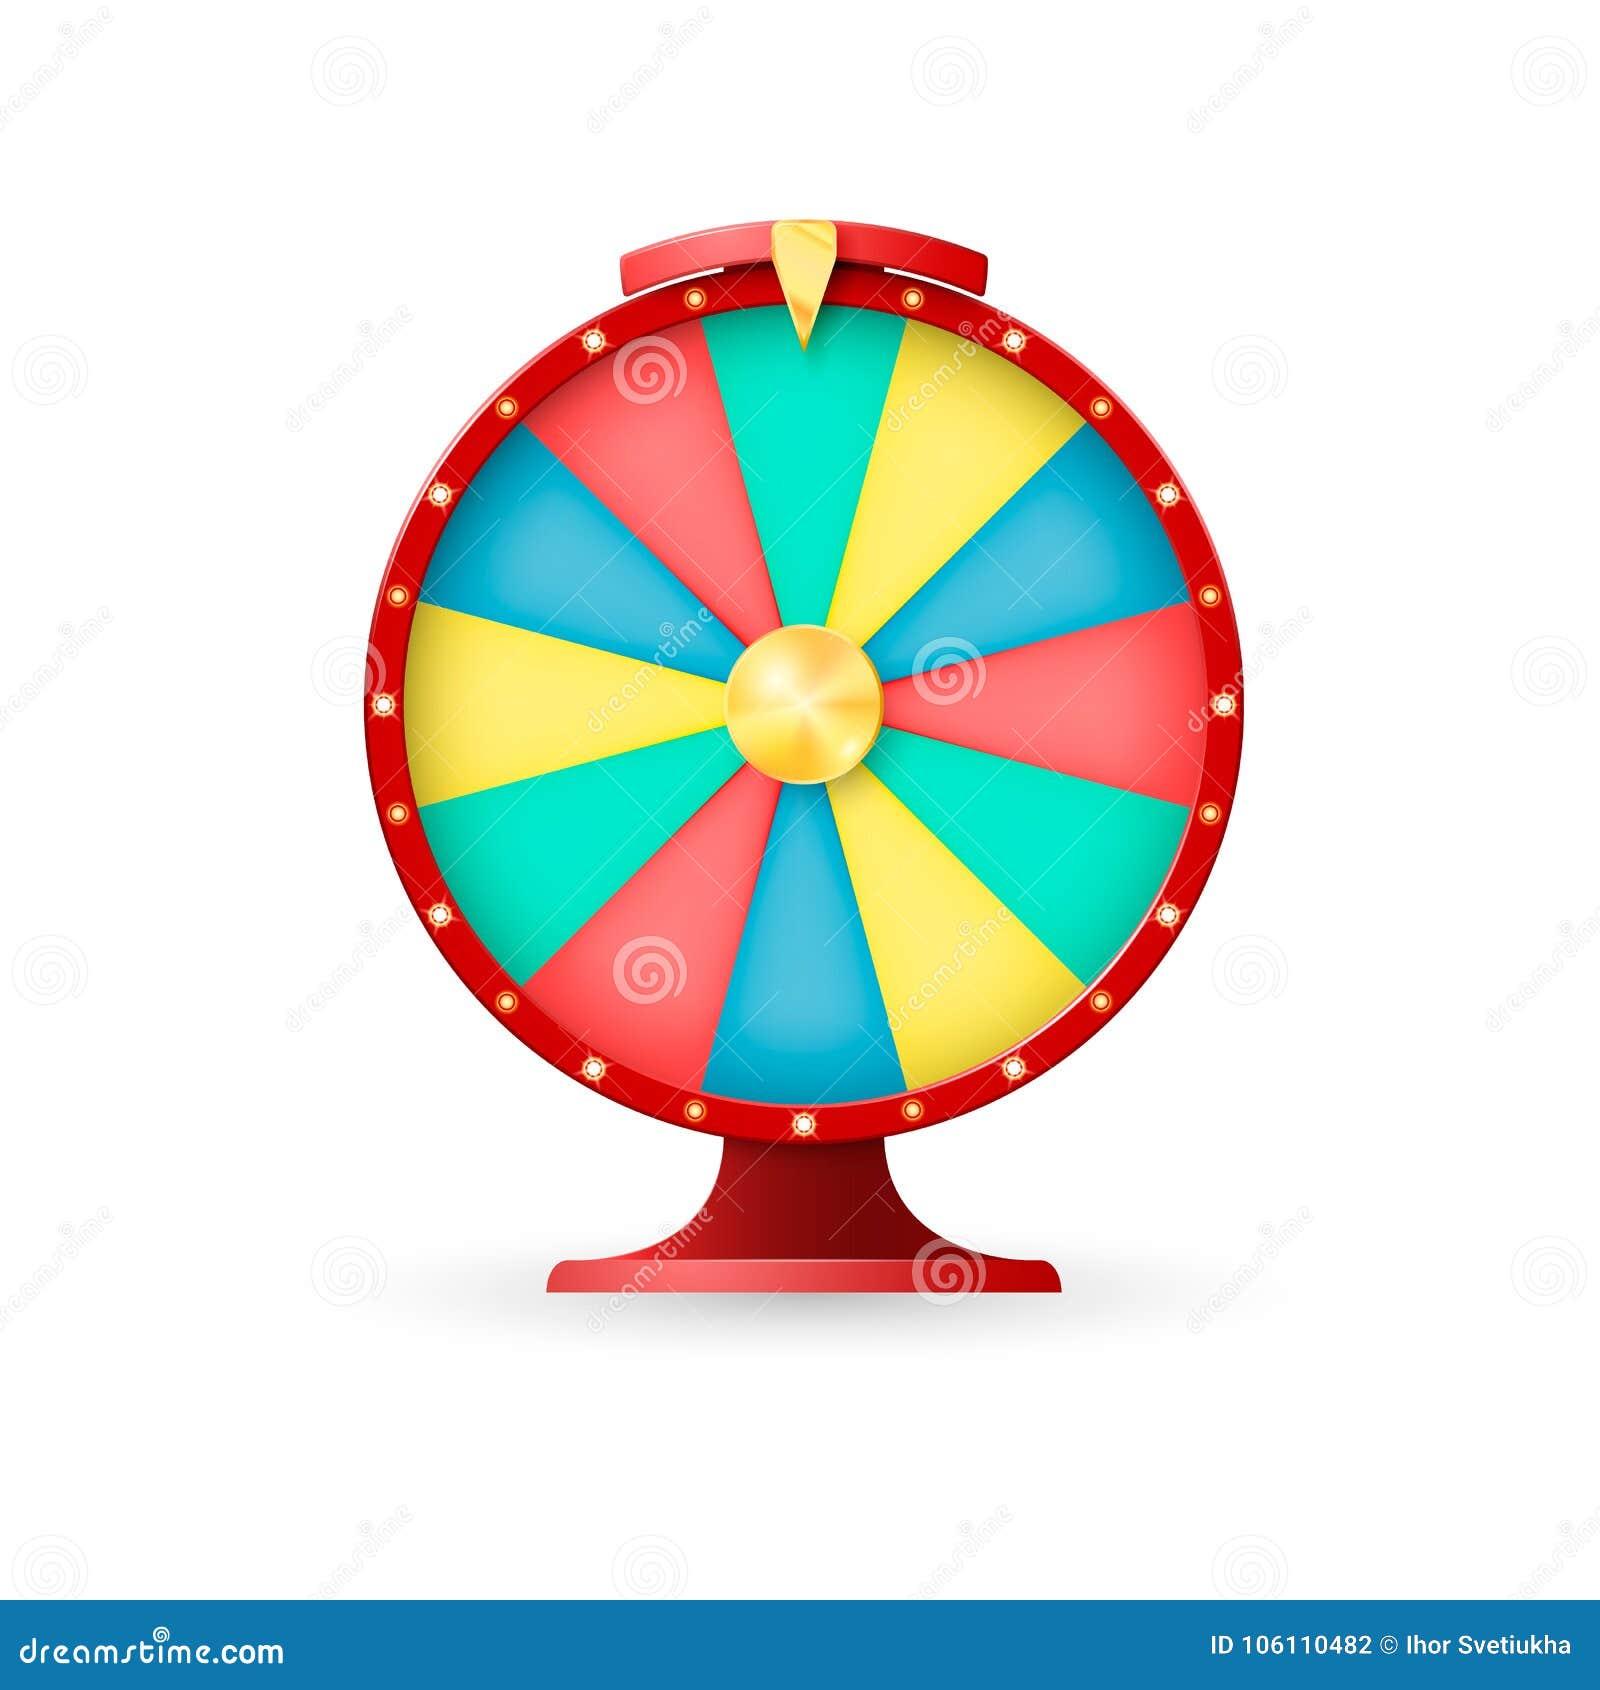 Casinomateriaal, wiel van fortuin Pot lacky winnaar Vector illustratie op witte achtergrond